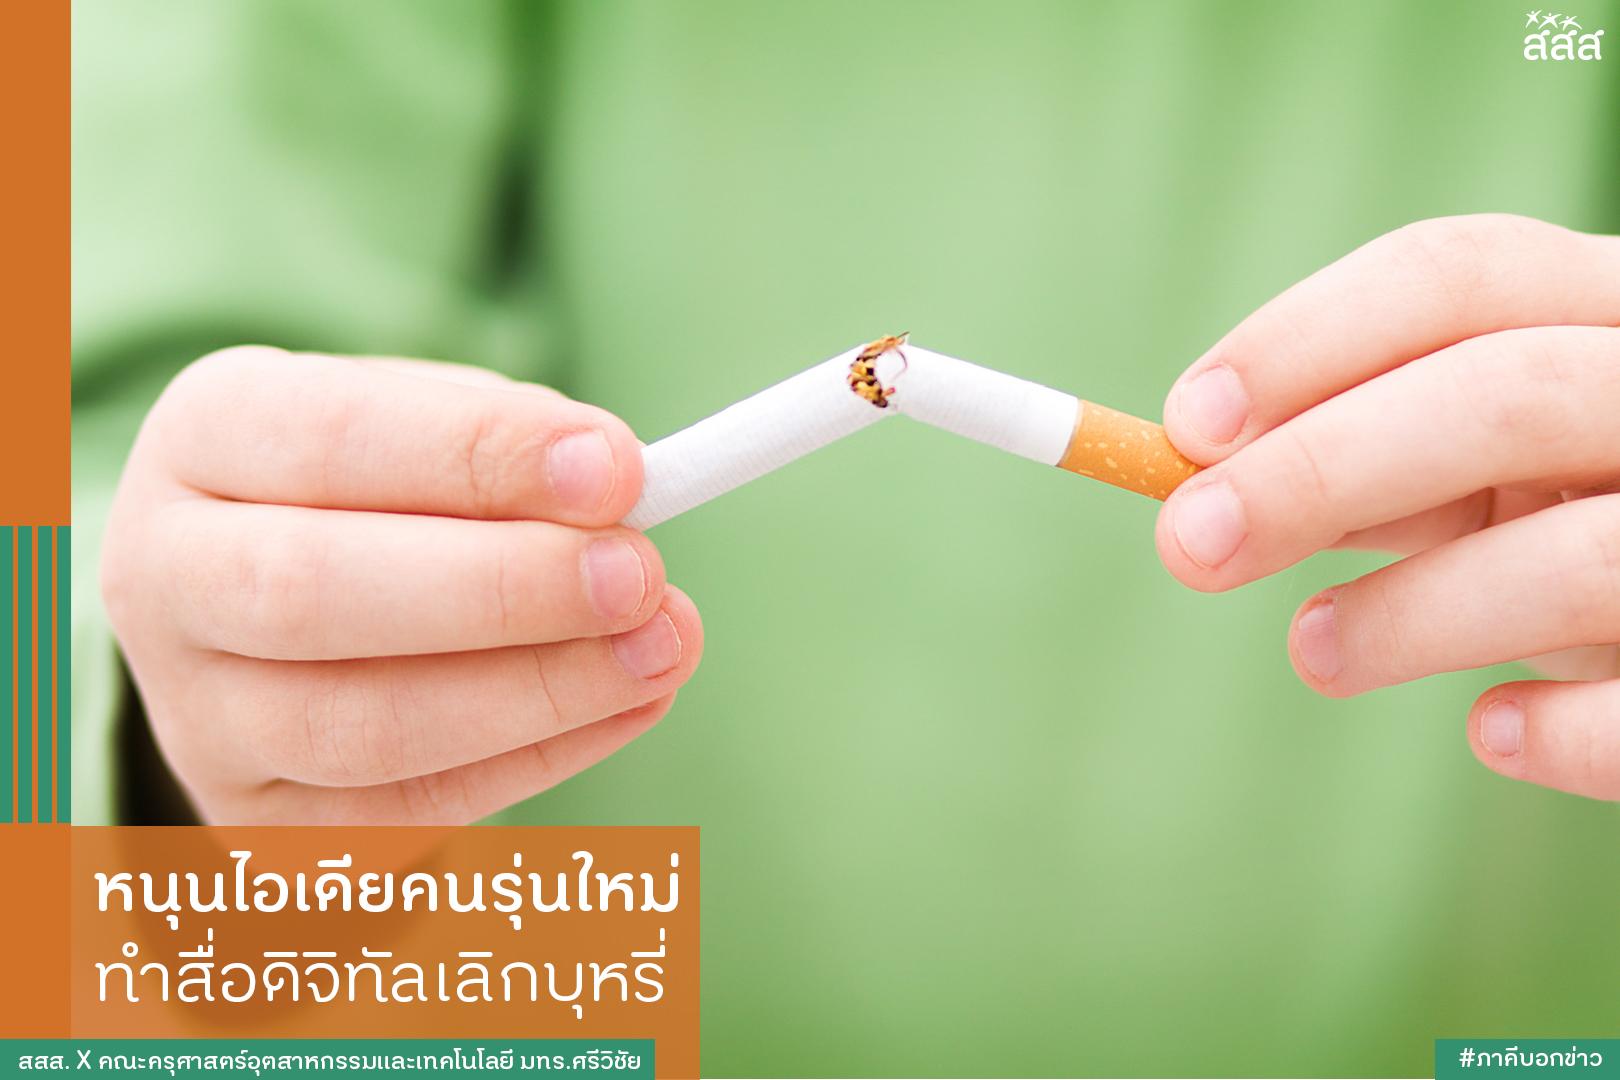 หนุนไอเดียคนรุ่นใหม่ ทำสื่อดิจิทัลเลิกบุหรี่ thaihealth